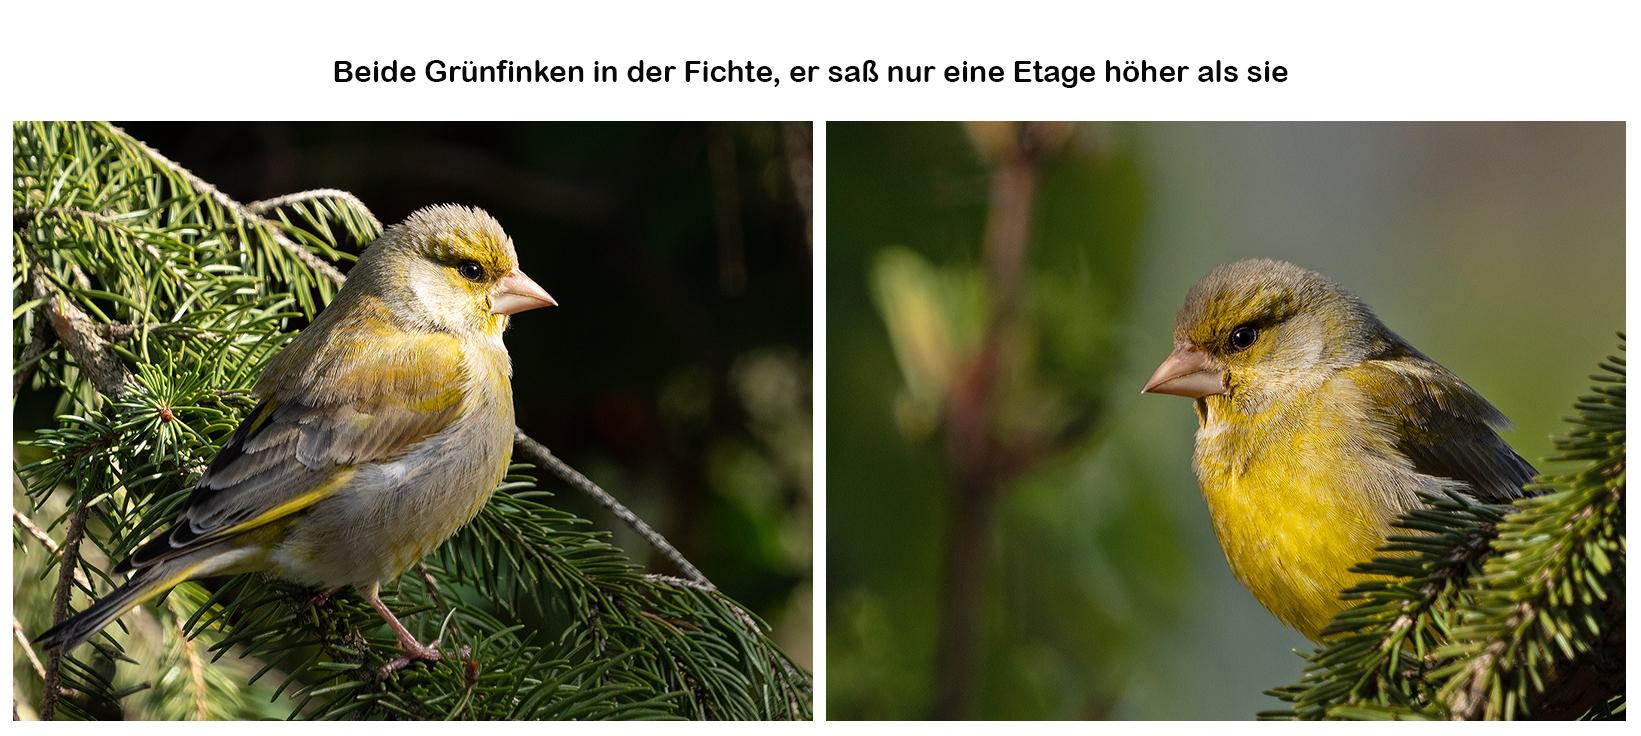 Grünfinken-Paar